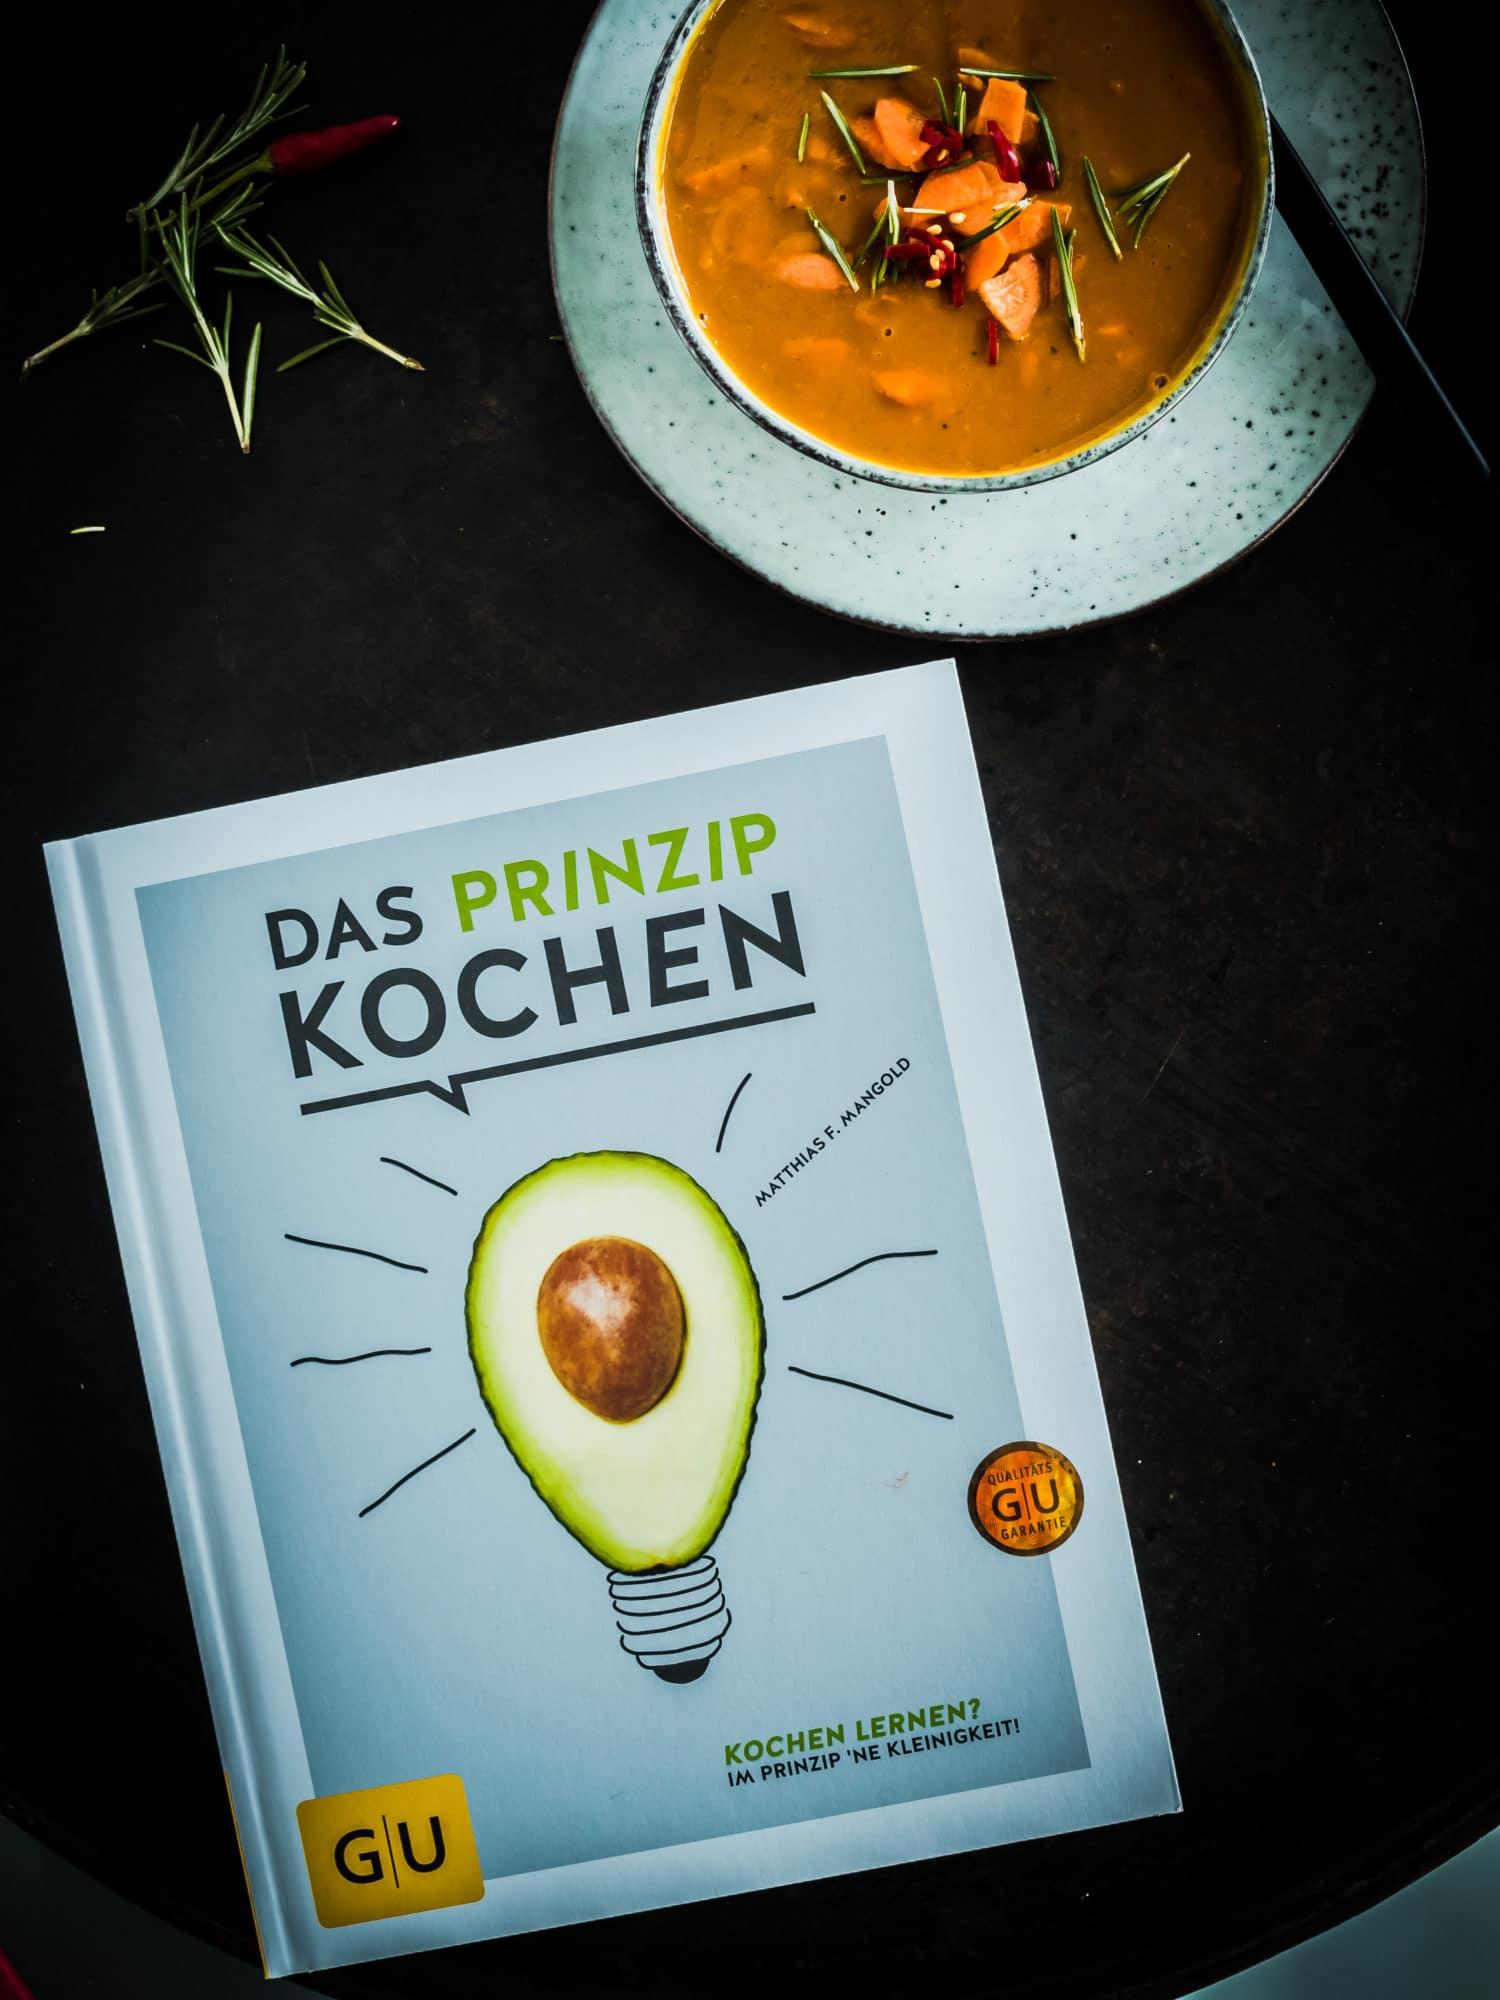 Das Prinzip Kochen